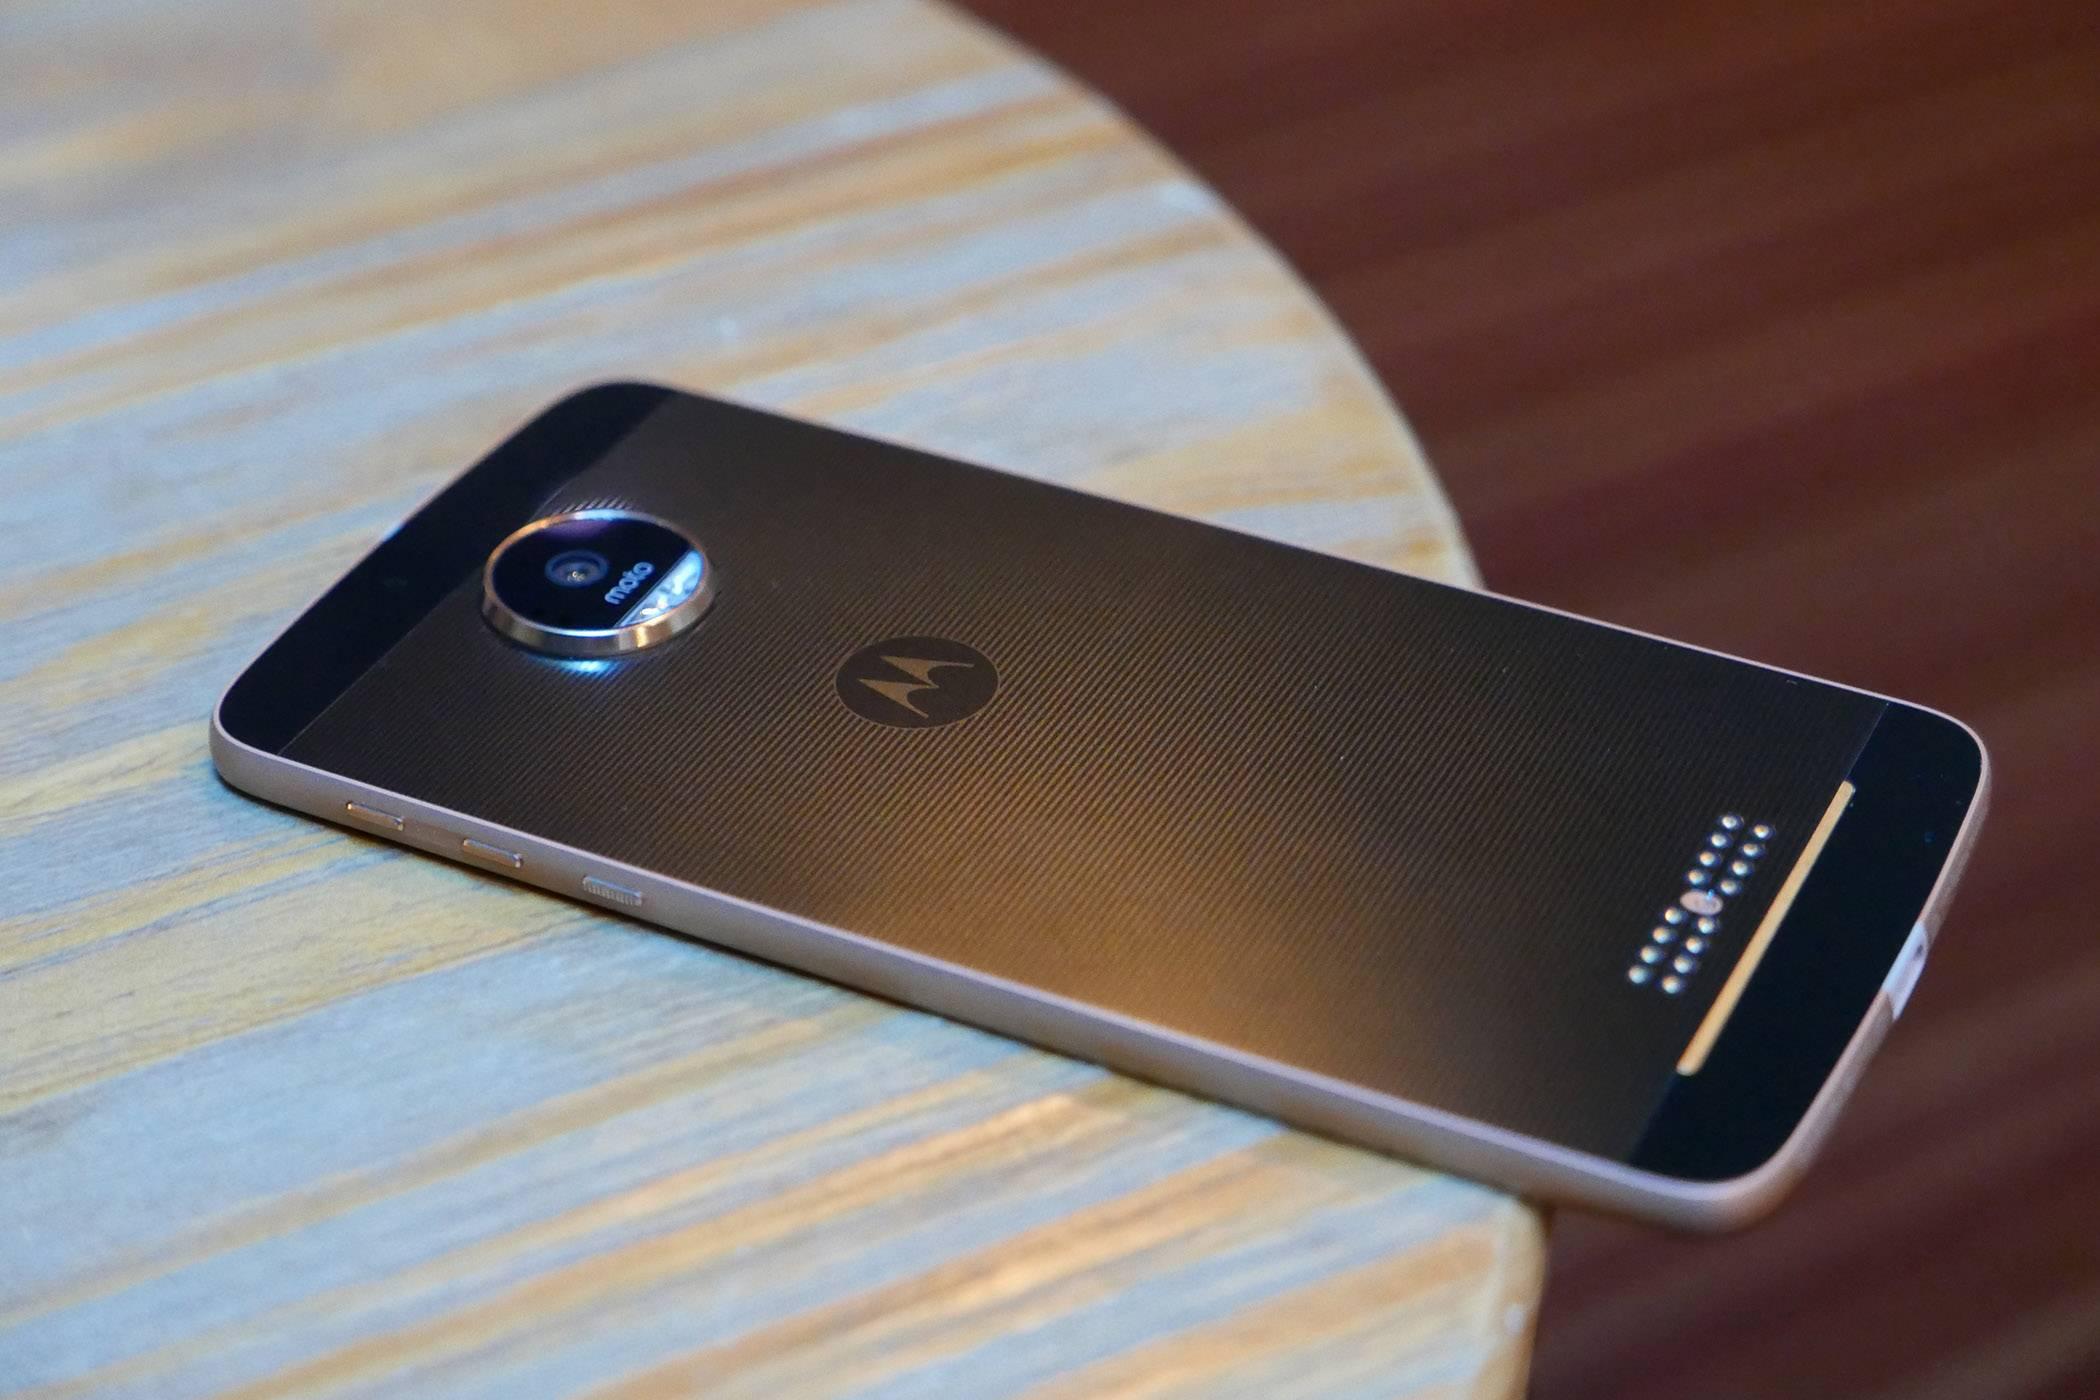 联想去年力推的 Moto Z 模块化手机